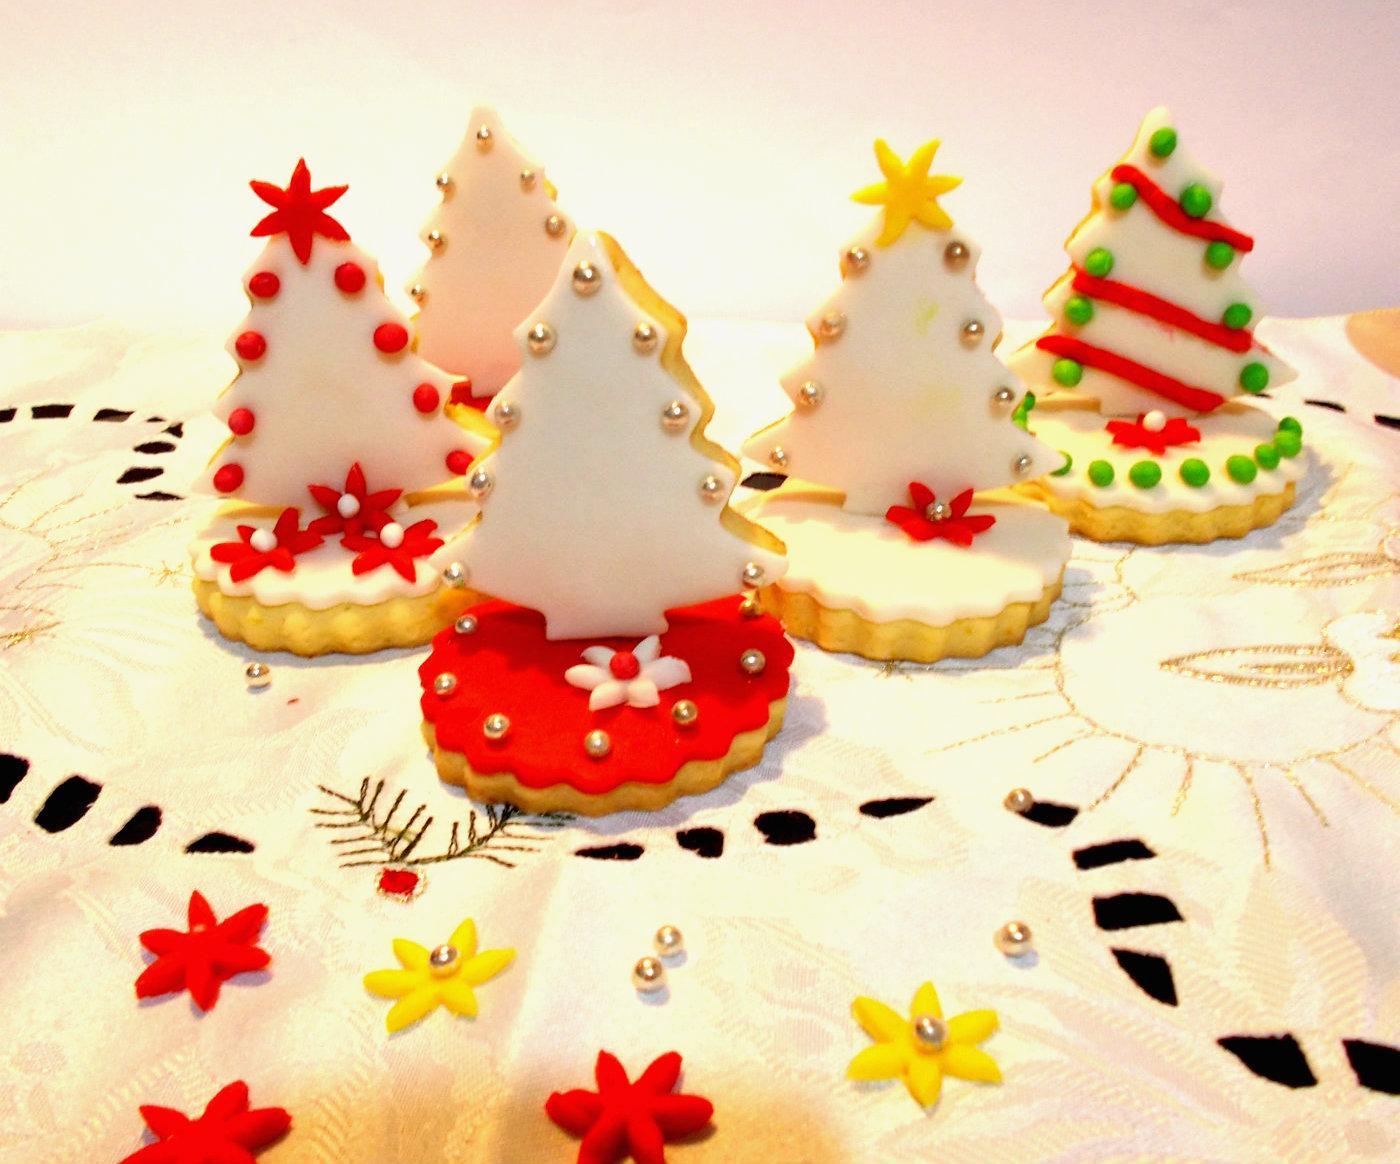 Segnaposto Natalizi Pasta Di Zucchero.Biscotti Alberello Di Natale Decorati Con Pasta Di Zucchero